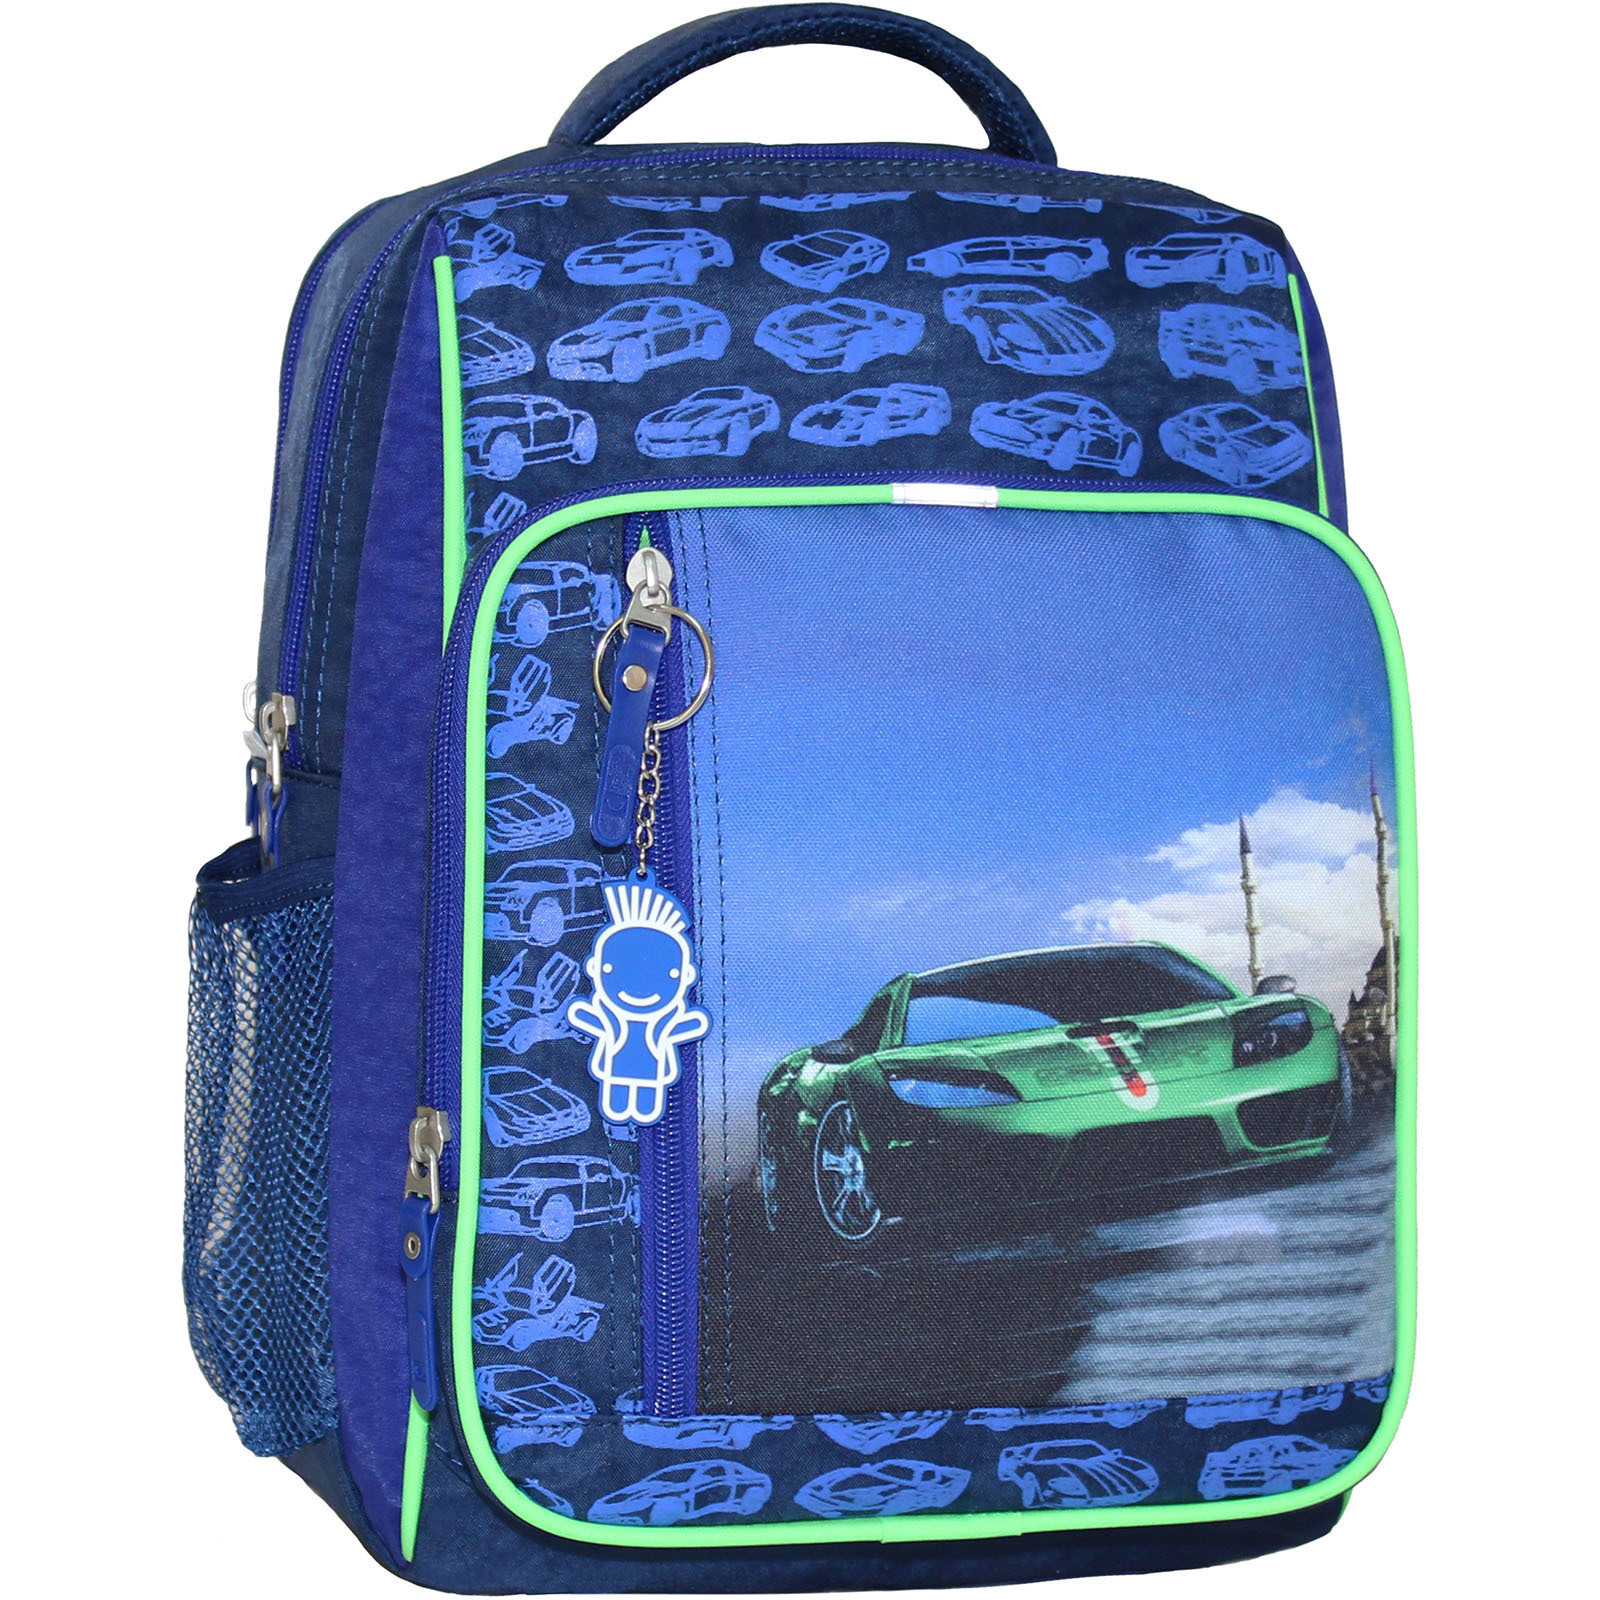 Школьные рюкзаки Рюкзак школьный Bagland Школьник 8 л. 225 синий 58м (0012870) IMG_4644.JPG